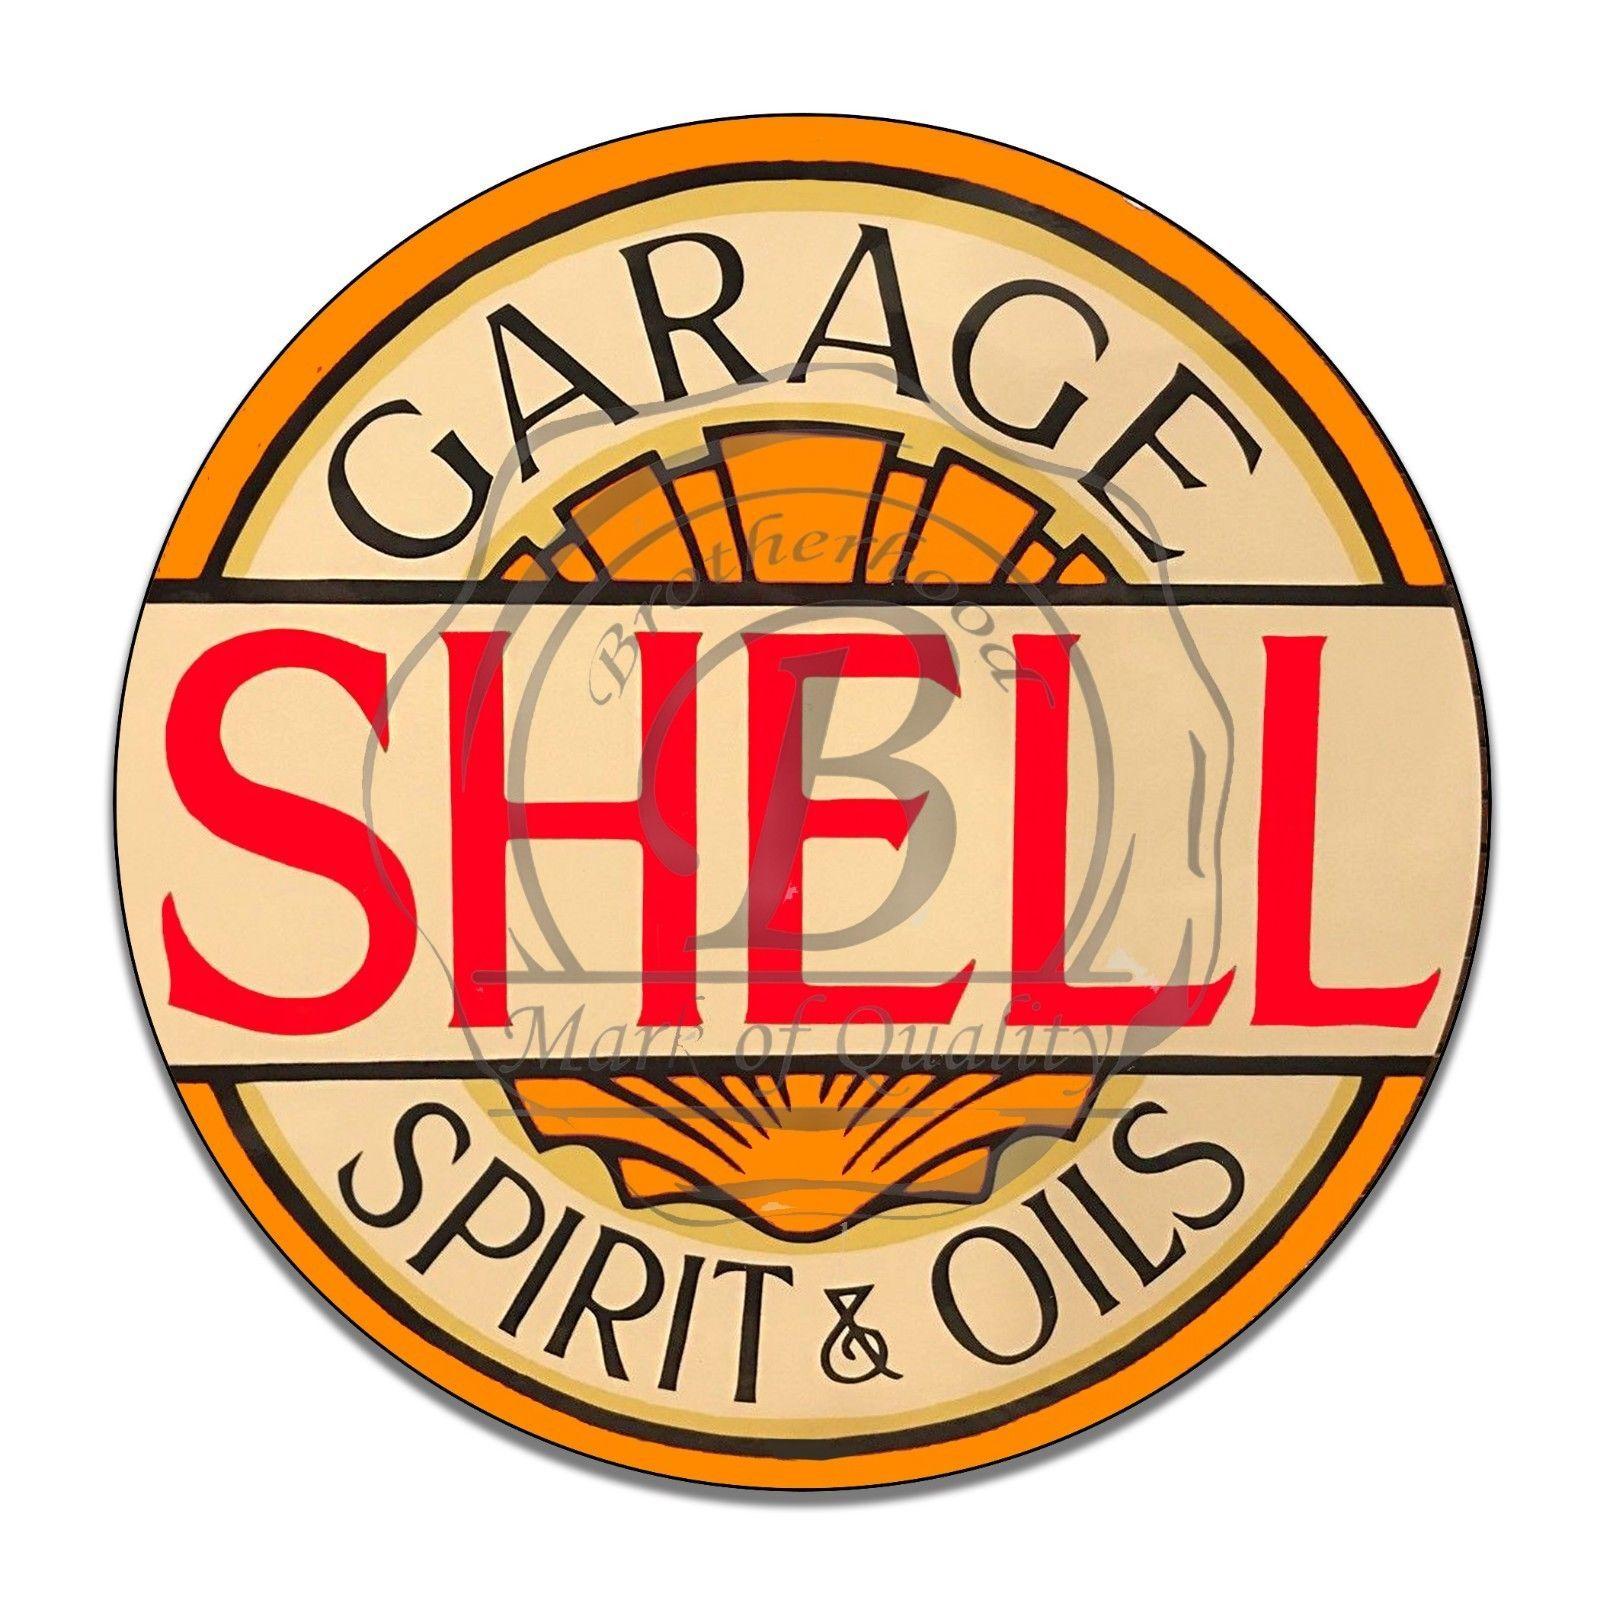 Vintage Garage Sign Metal Decor Gas and Oil Sign Valvoline Ethyl Gasoline Comp